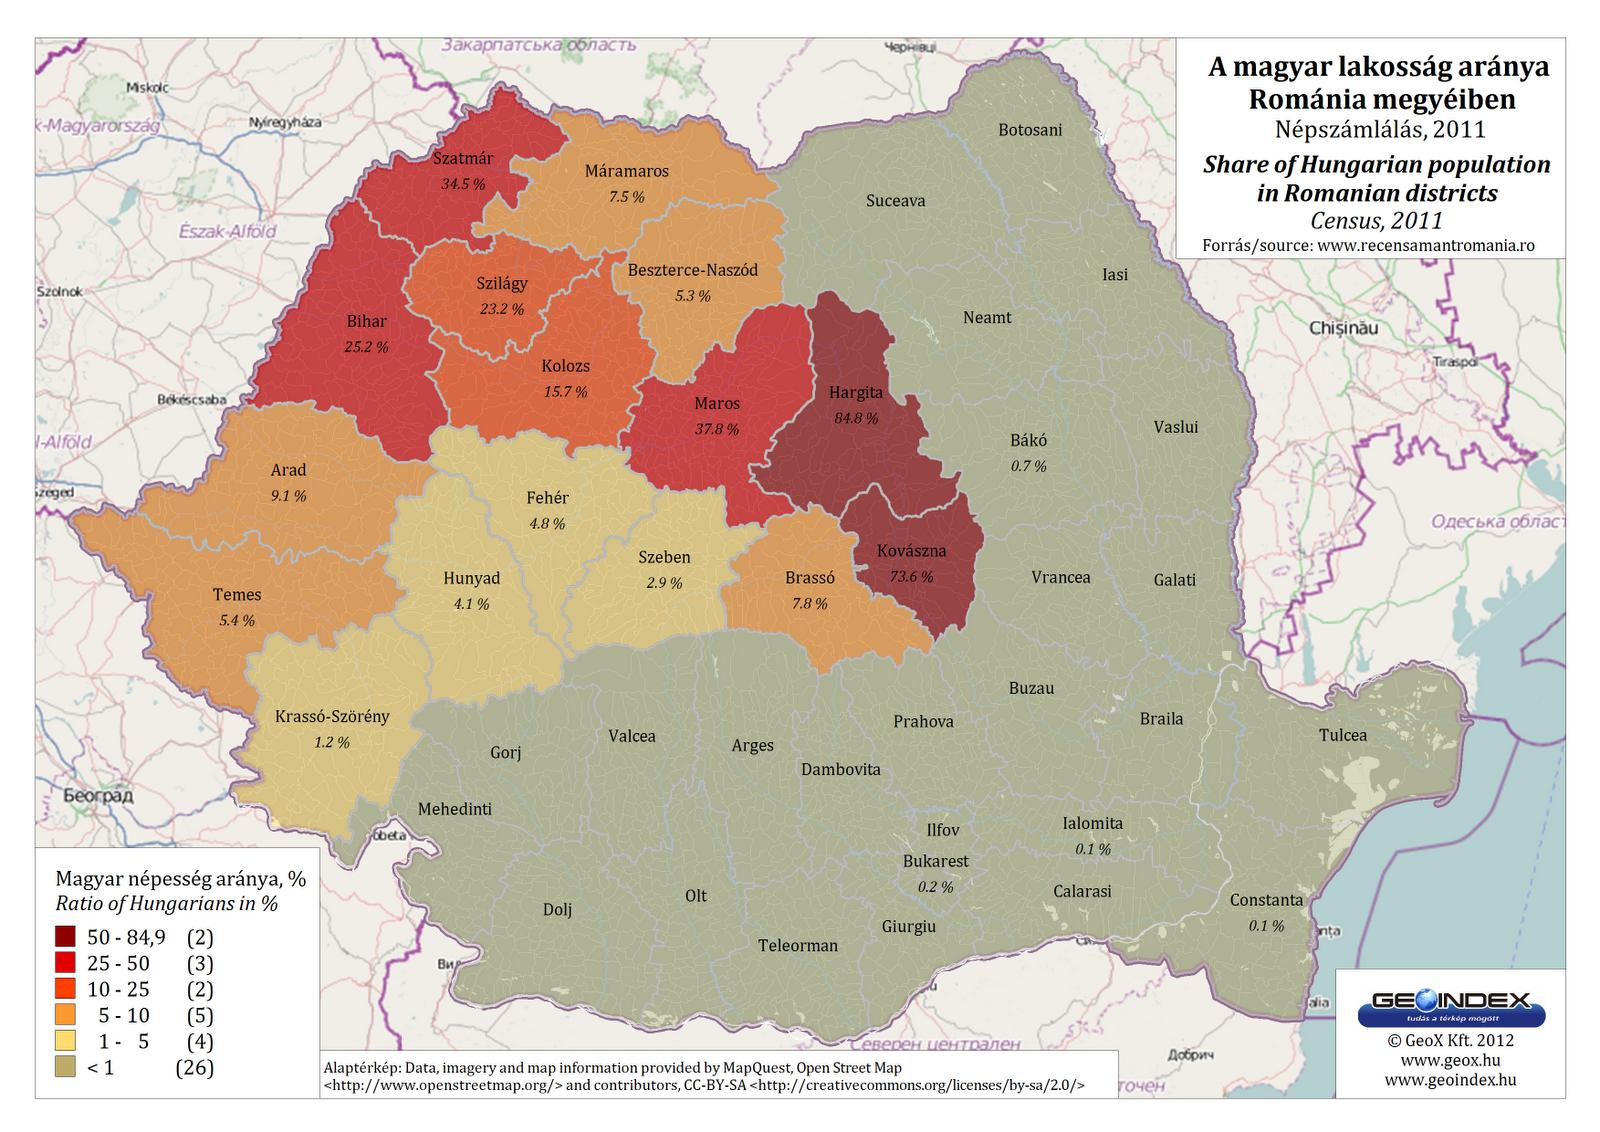 románia erdély térkép A nemzetpolitika oktatása / Térképek / Etnikai térképek románia erdély térkép